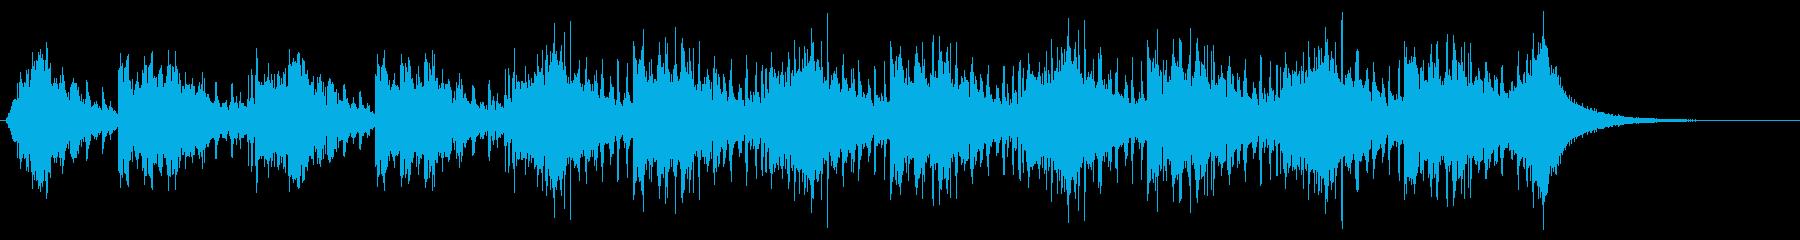 【リズムのみ・短尺】和楽器の迫力BGMの再生済みの波形